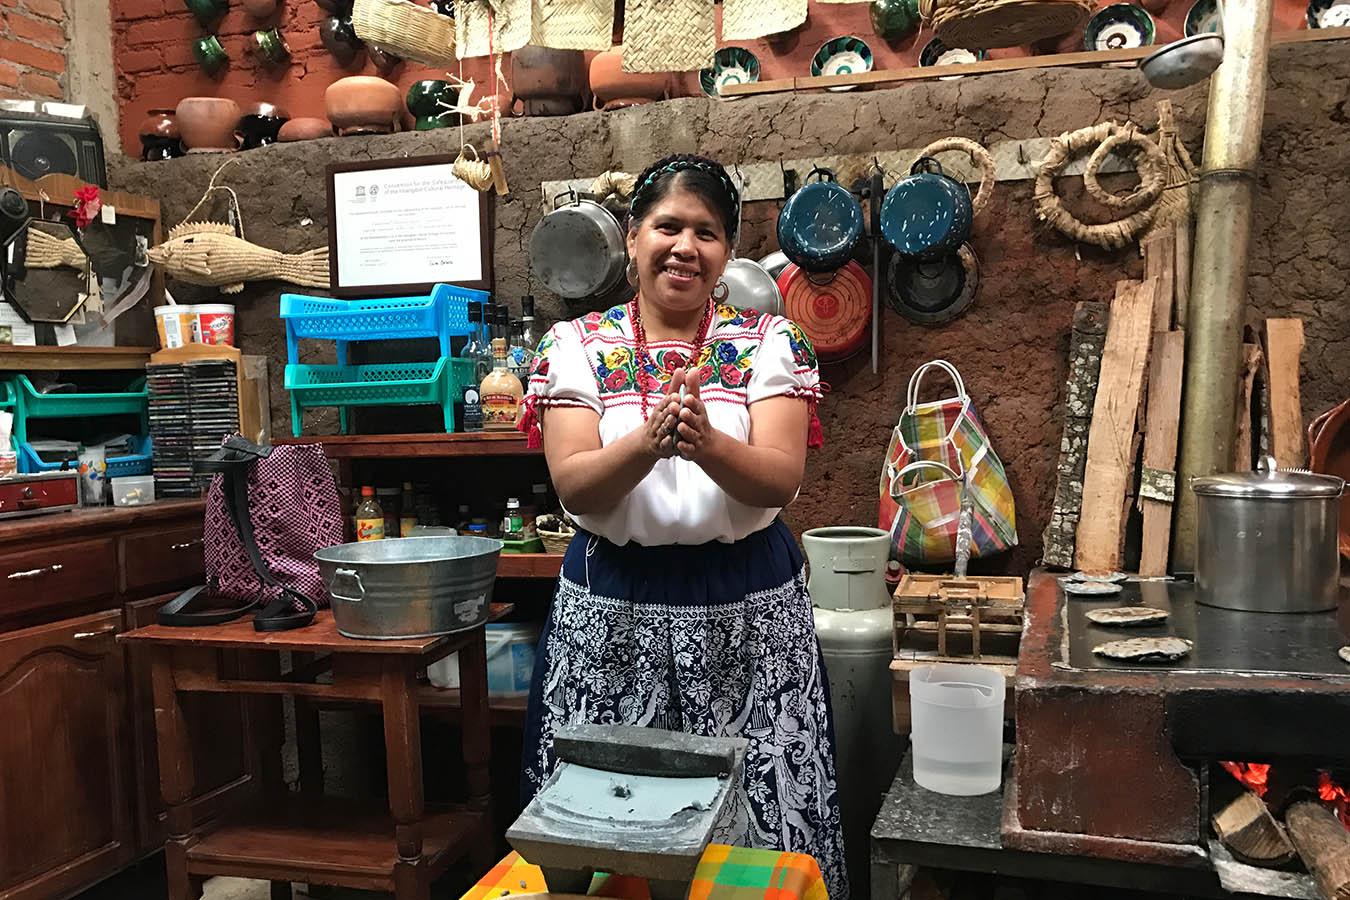 como se hacen las tortillas de maiz Rosalba Morales cocinera tradicional de Michoacan